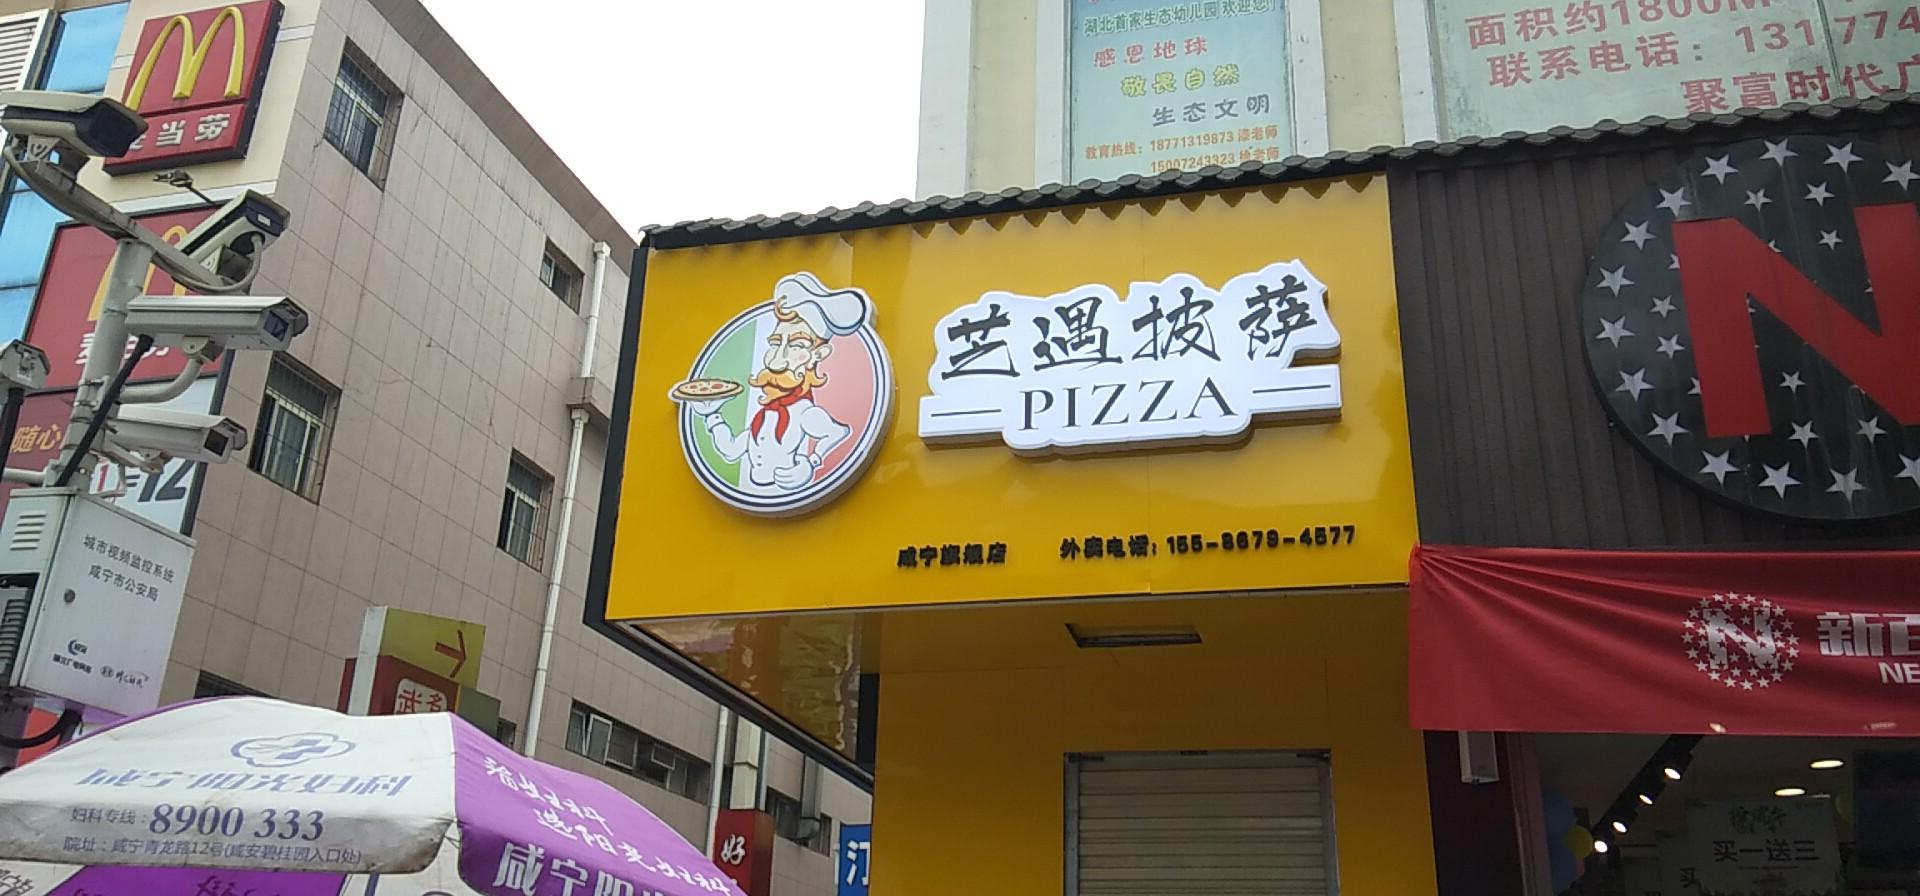 芝遇披萨招牌(图7)